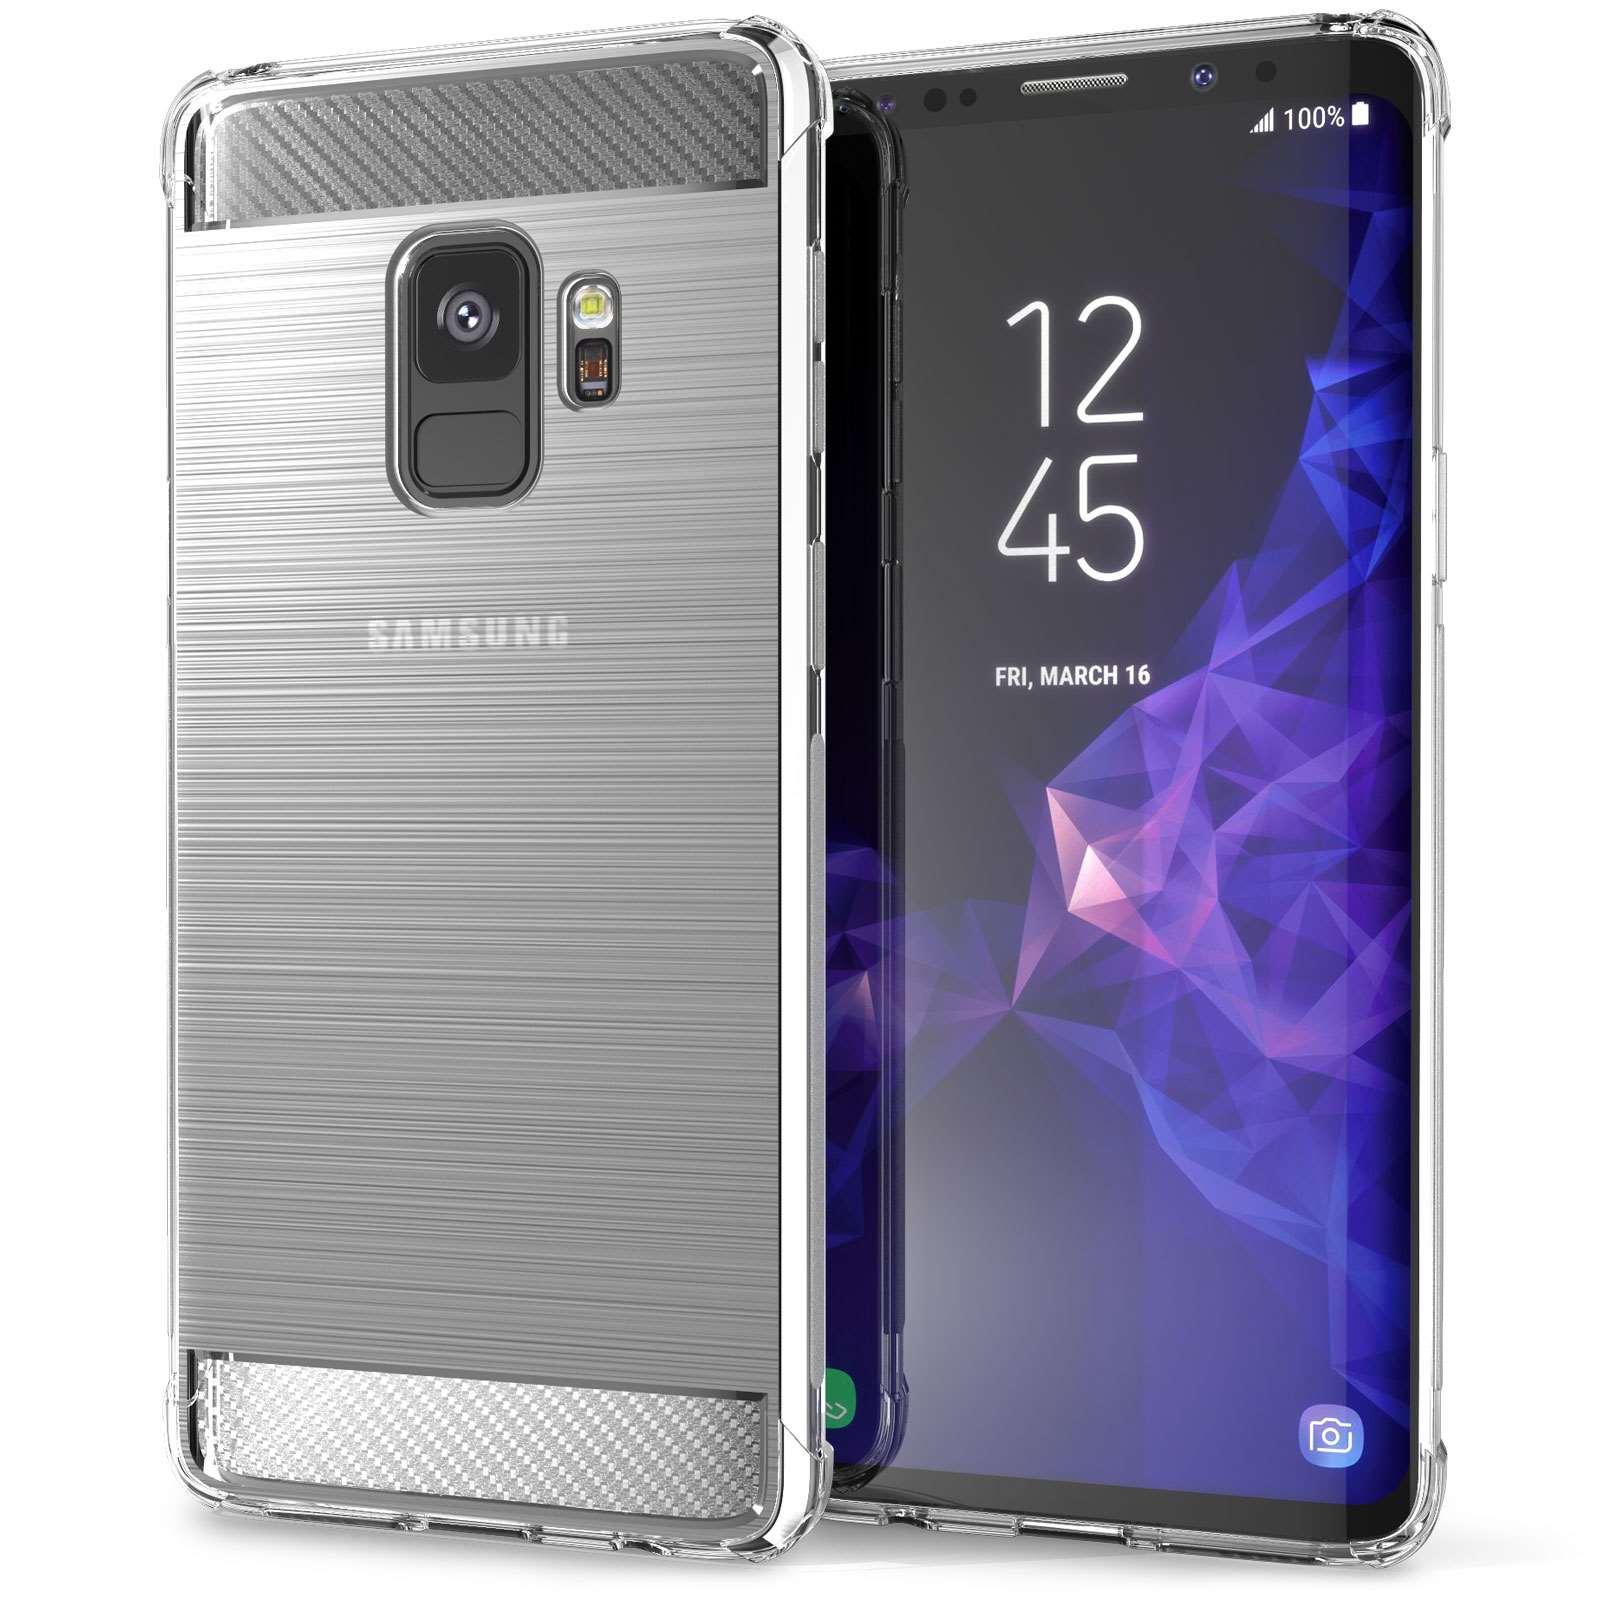 Mobilskal Samsung Galaxy S9 Anti Fall Clear - MissDiva 143c6d85c529a